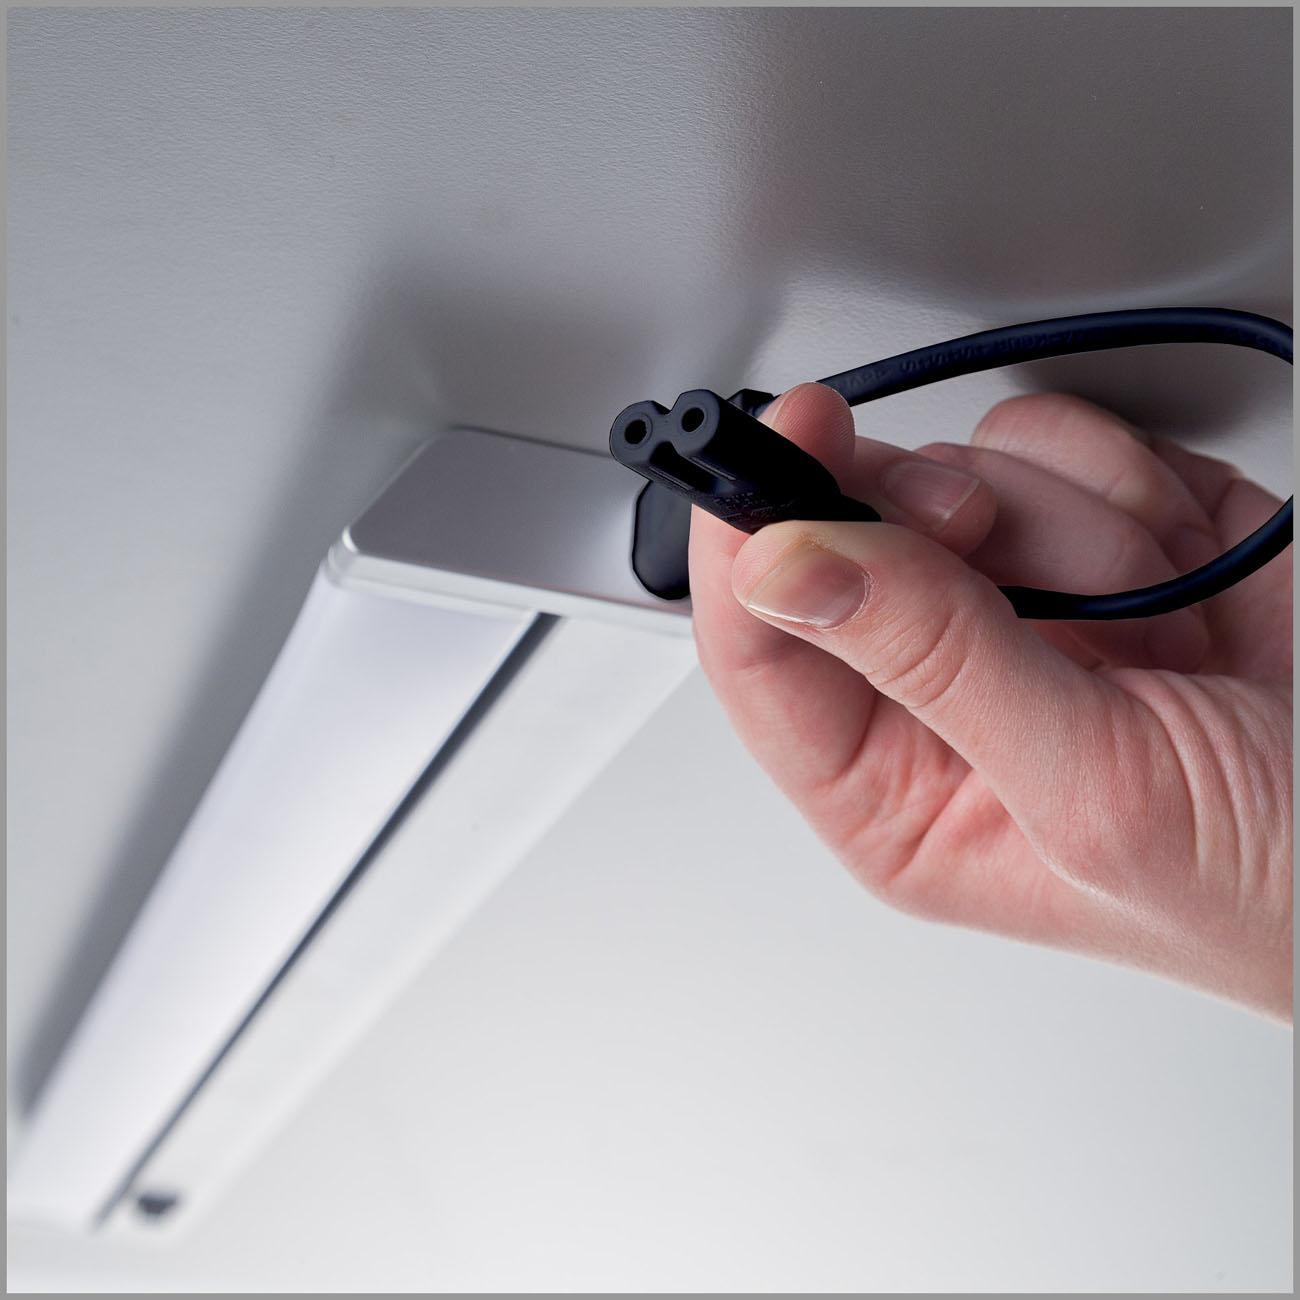 LED Schrankleuchte Unterbauleuchte silber-grau - 4